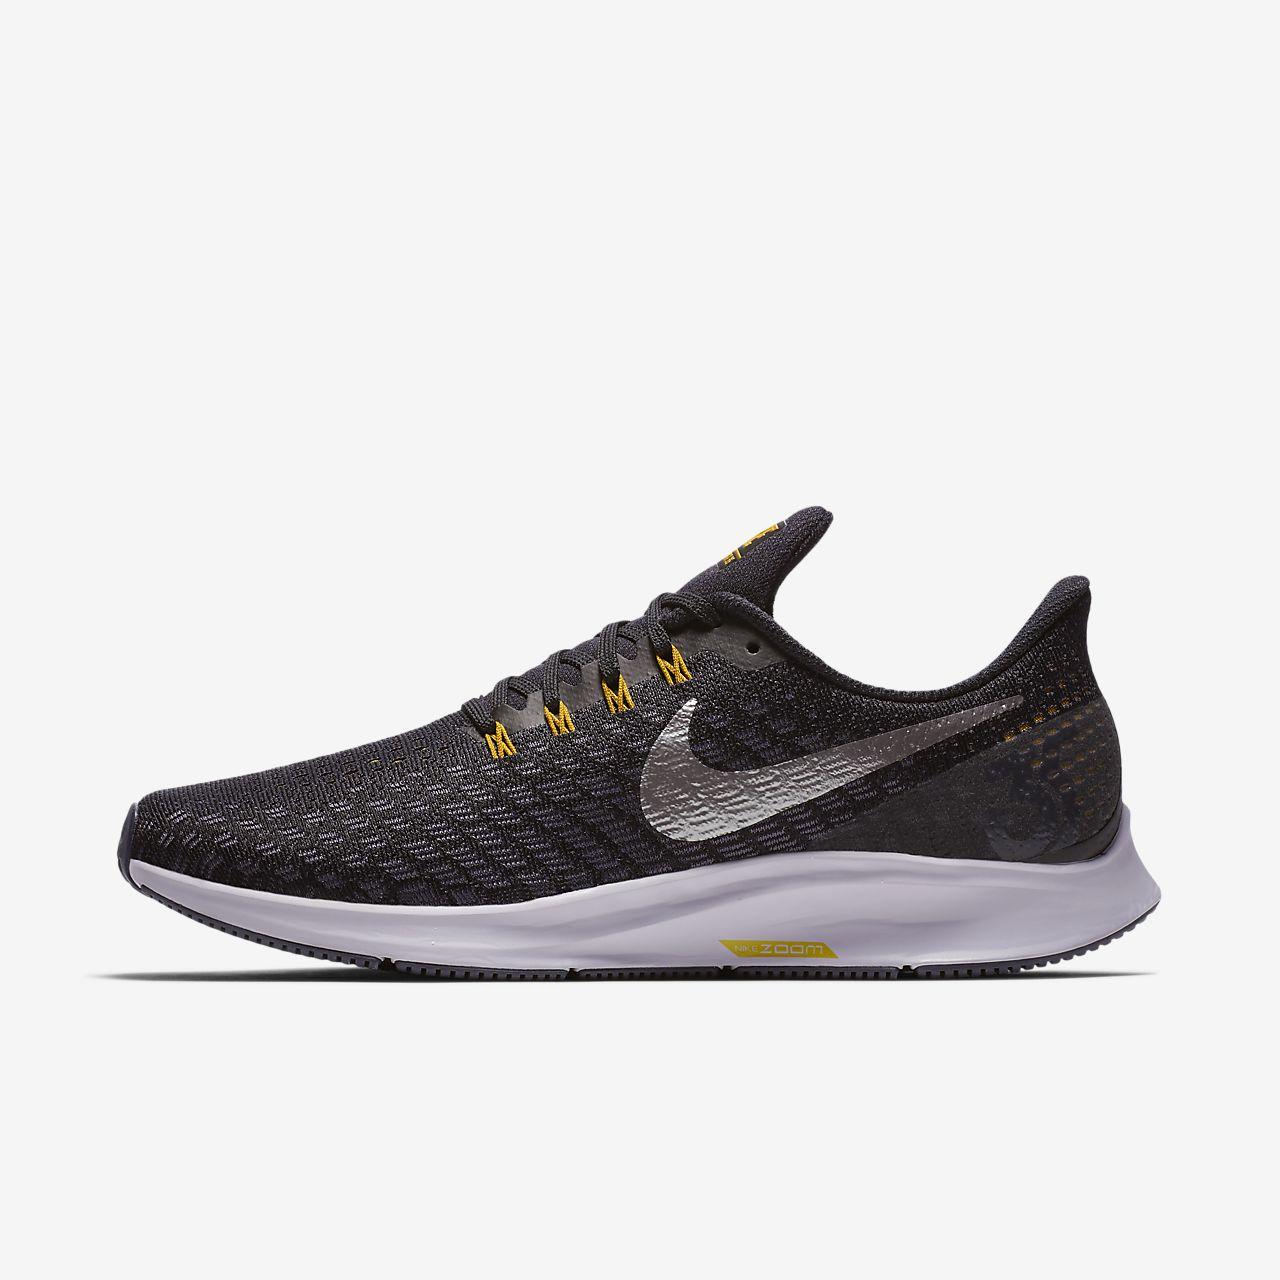 406a64fe68 Calzado de running para hombre Nike Air Zoom Pegasus 35. Nike.com MX